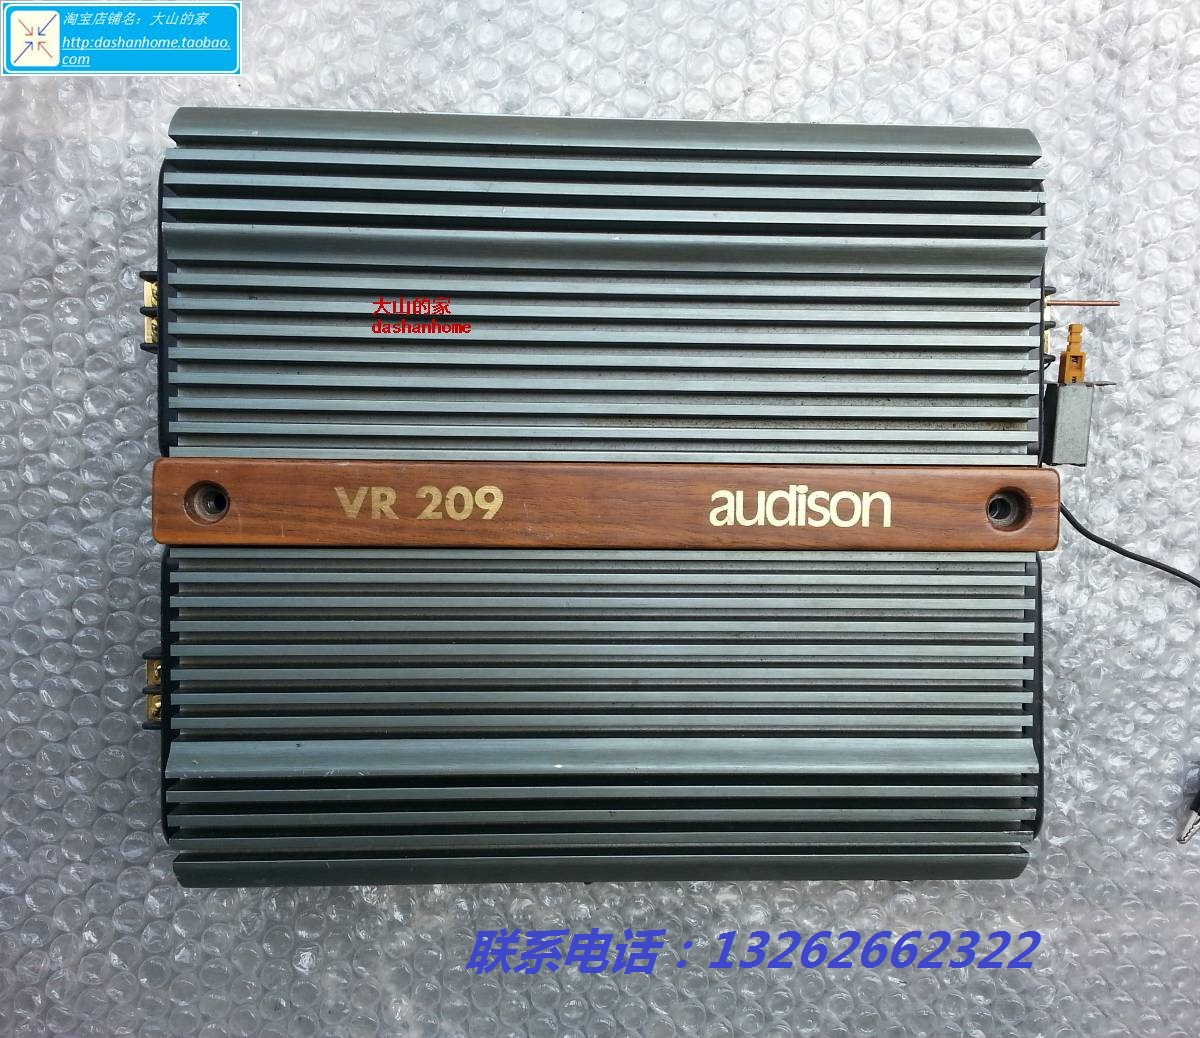 усилитель автомобильный Audison